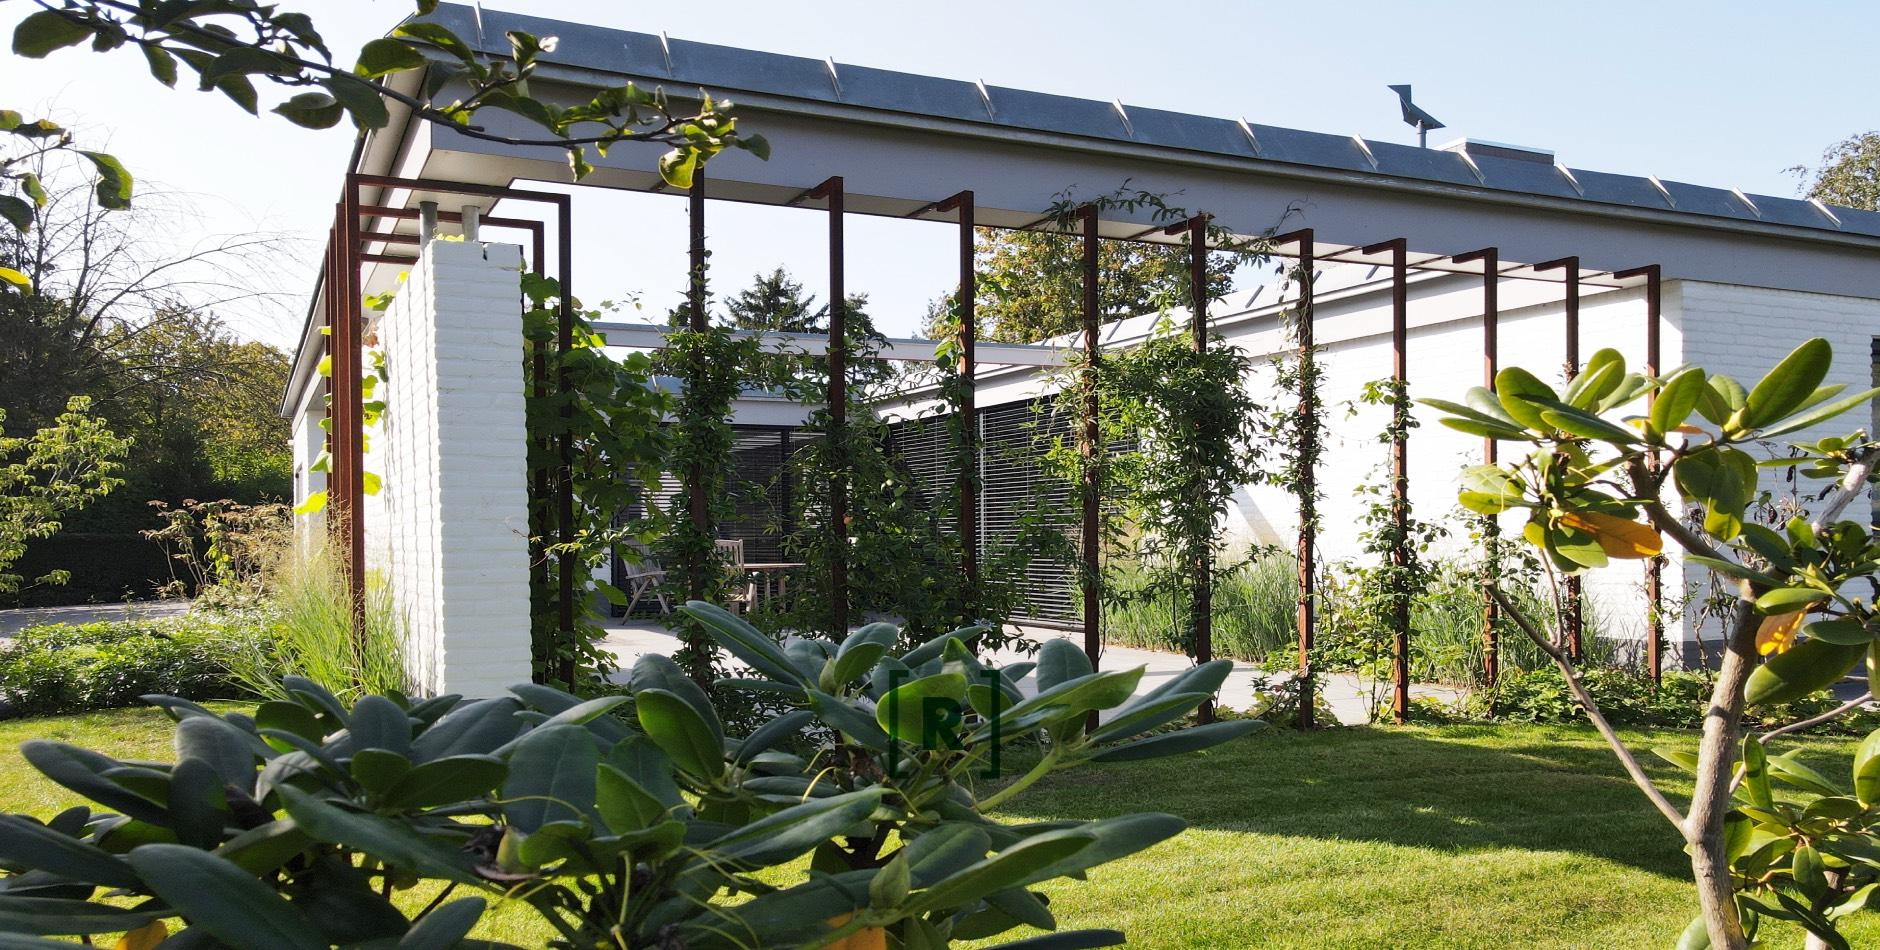 Tuinontwerp_tuinarchitect_Hovenier_exclusieve tuin_Uden_Eindhoven_073_Villa_ Voortuin_moderne_strakke_achtertuin_plantframes_cortenstaal_cortenstale plantbakken_gazon_tuinberegening_Hortensia_gebakken_klinkers_Vught_oisterwijk, Tilburg_Rosmalen_Heesch_Nuland